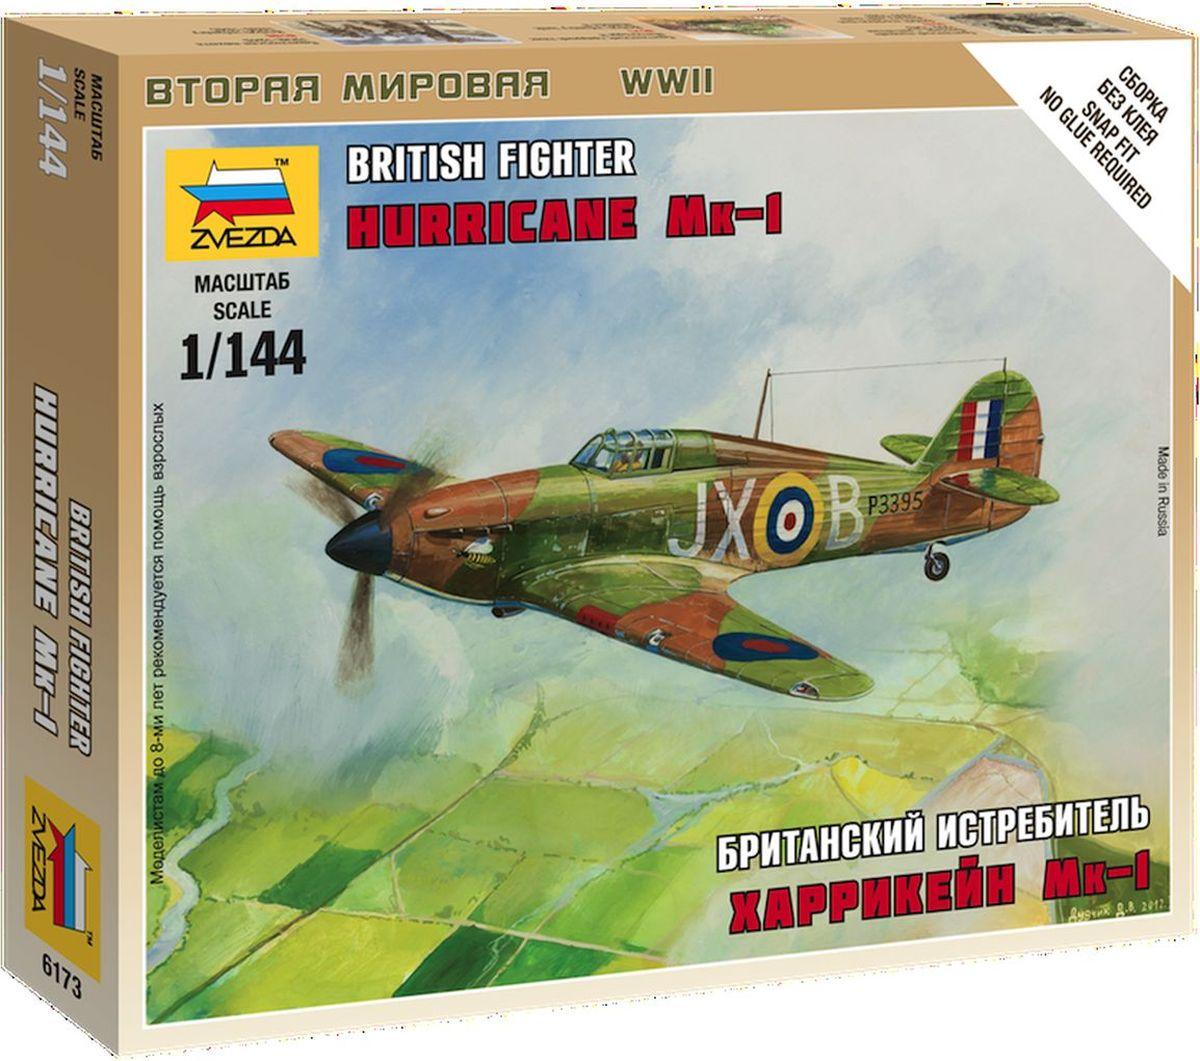 Звезда Сборная модель Британский истребитель Харрикейн Мк-1